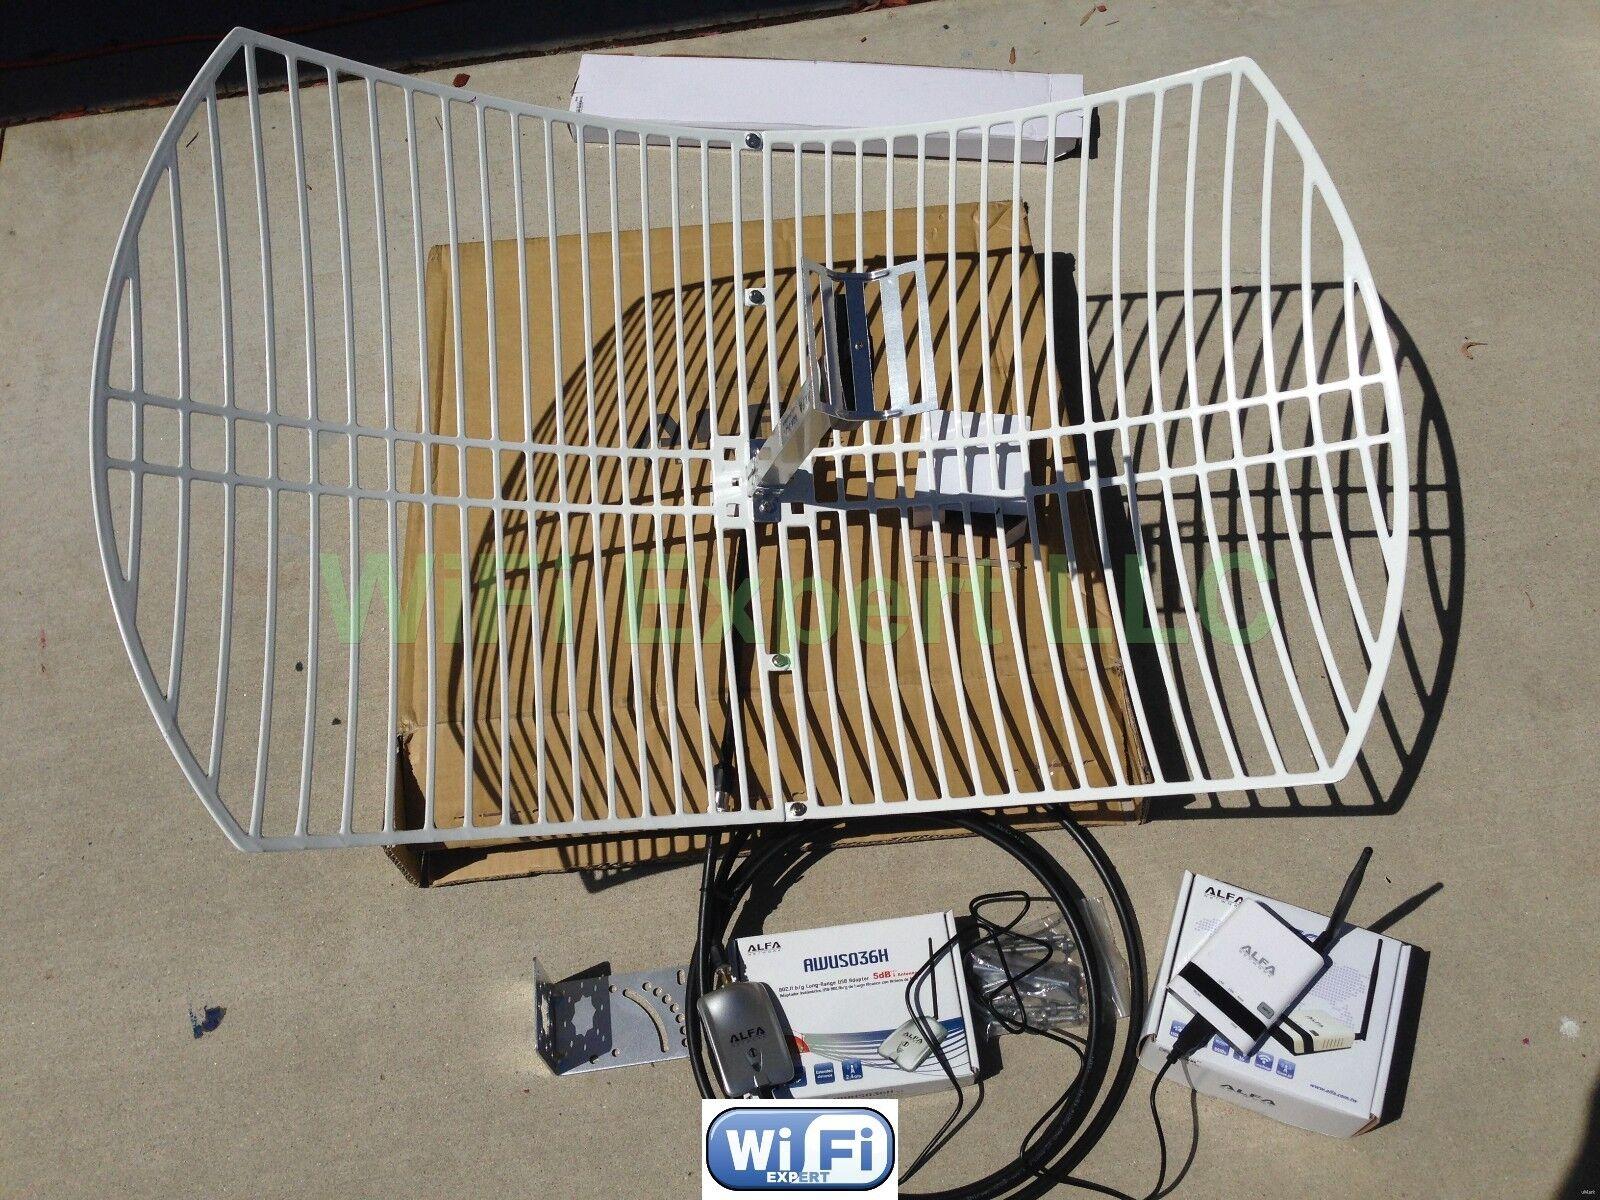 ALFA WiFi Anten dBi GRID R AWUSH Long Range Booster GET